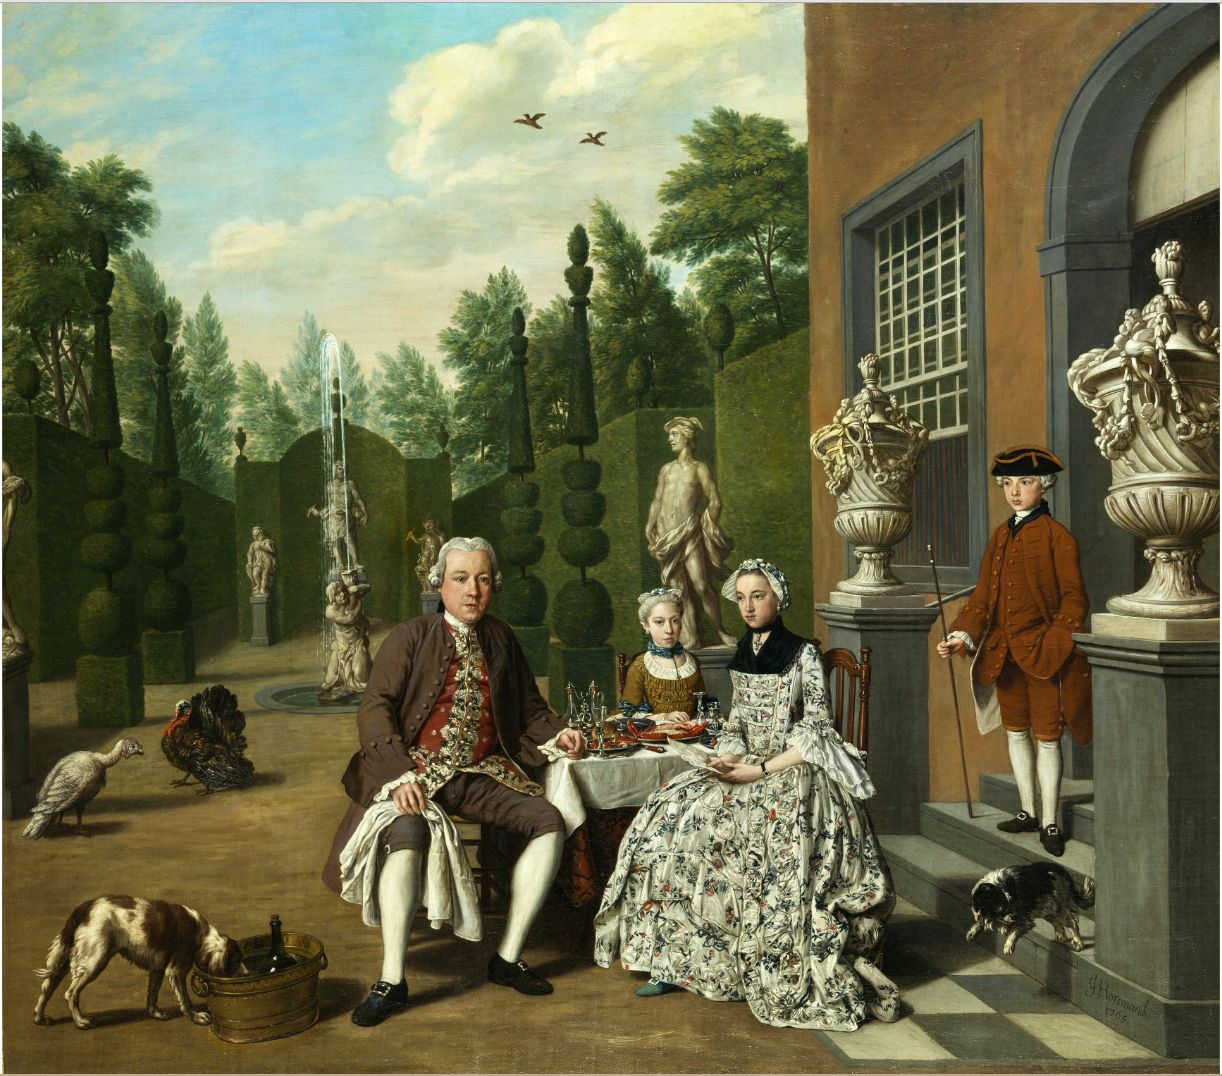 Portrait d'une famille noble dinant devant un parc, avec des chiens, 1765 Jan Josef Horemans l'aîné